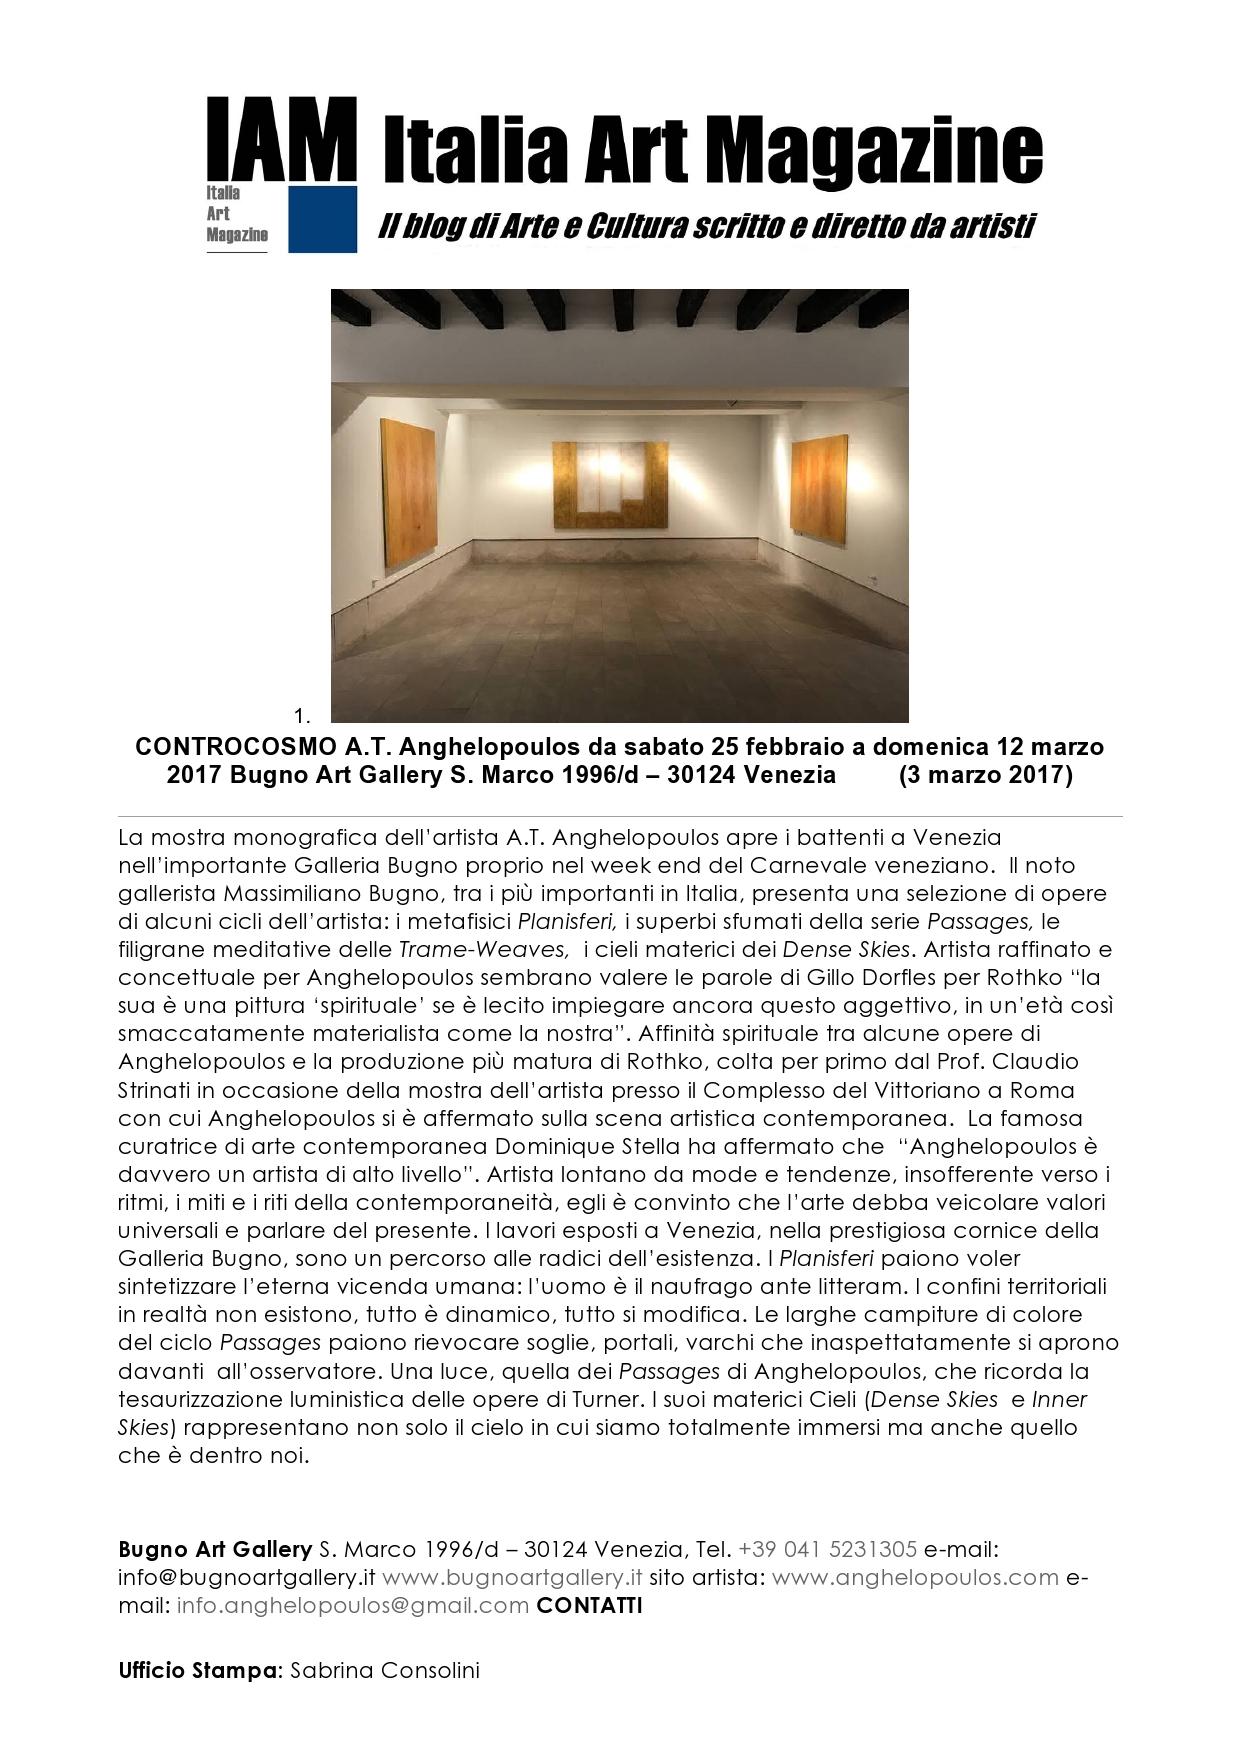 IAM.Italian Art Magazine CONTROCOSMO A.T.-page0001